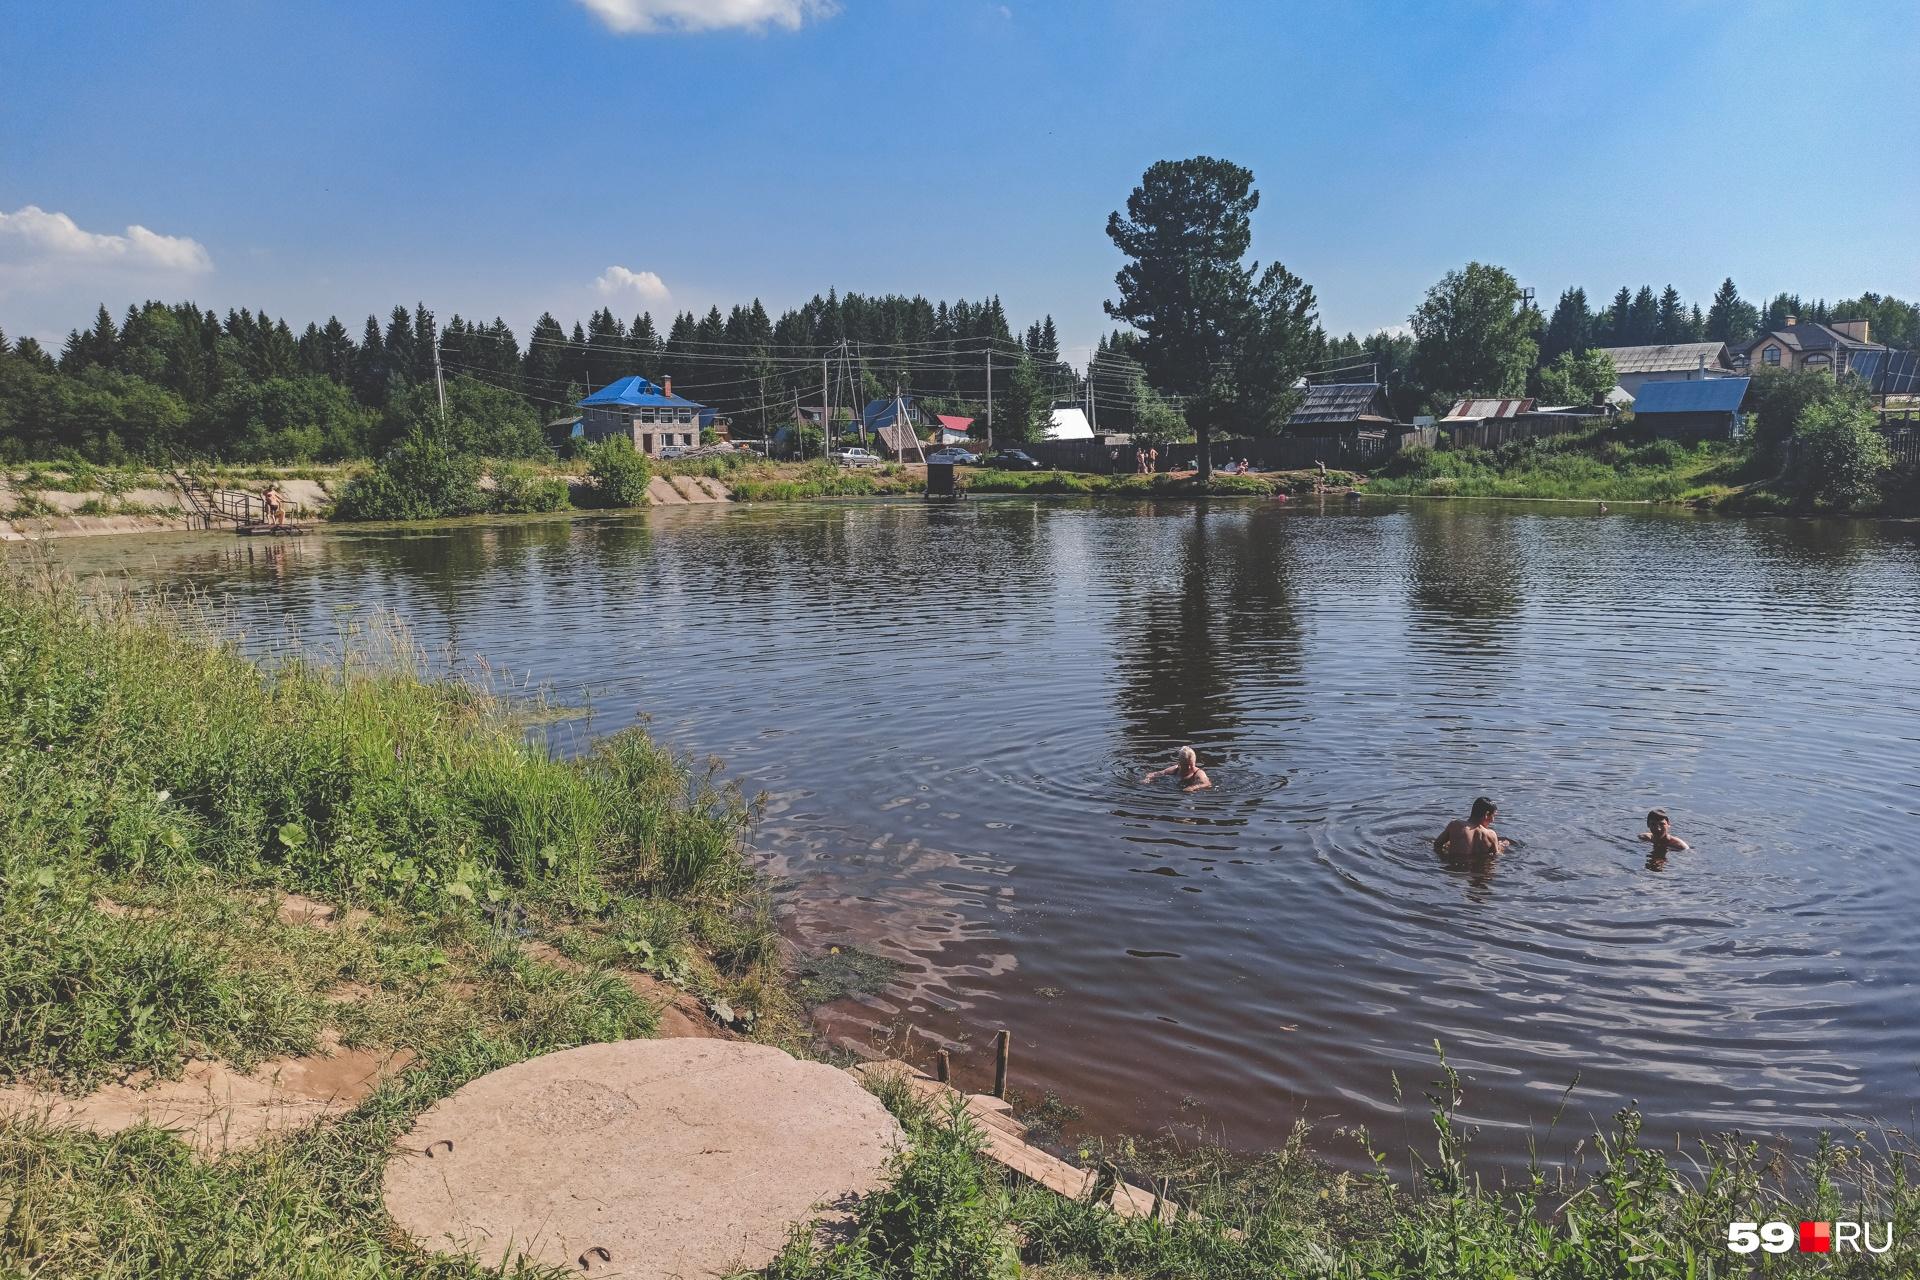 Вода в озере холодна вблизи родника. Если отплыть подальше, будет теплее